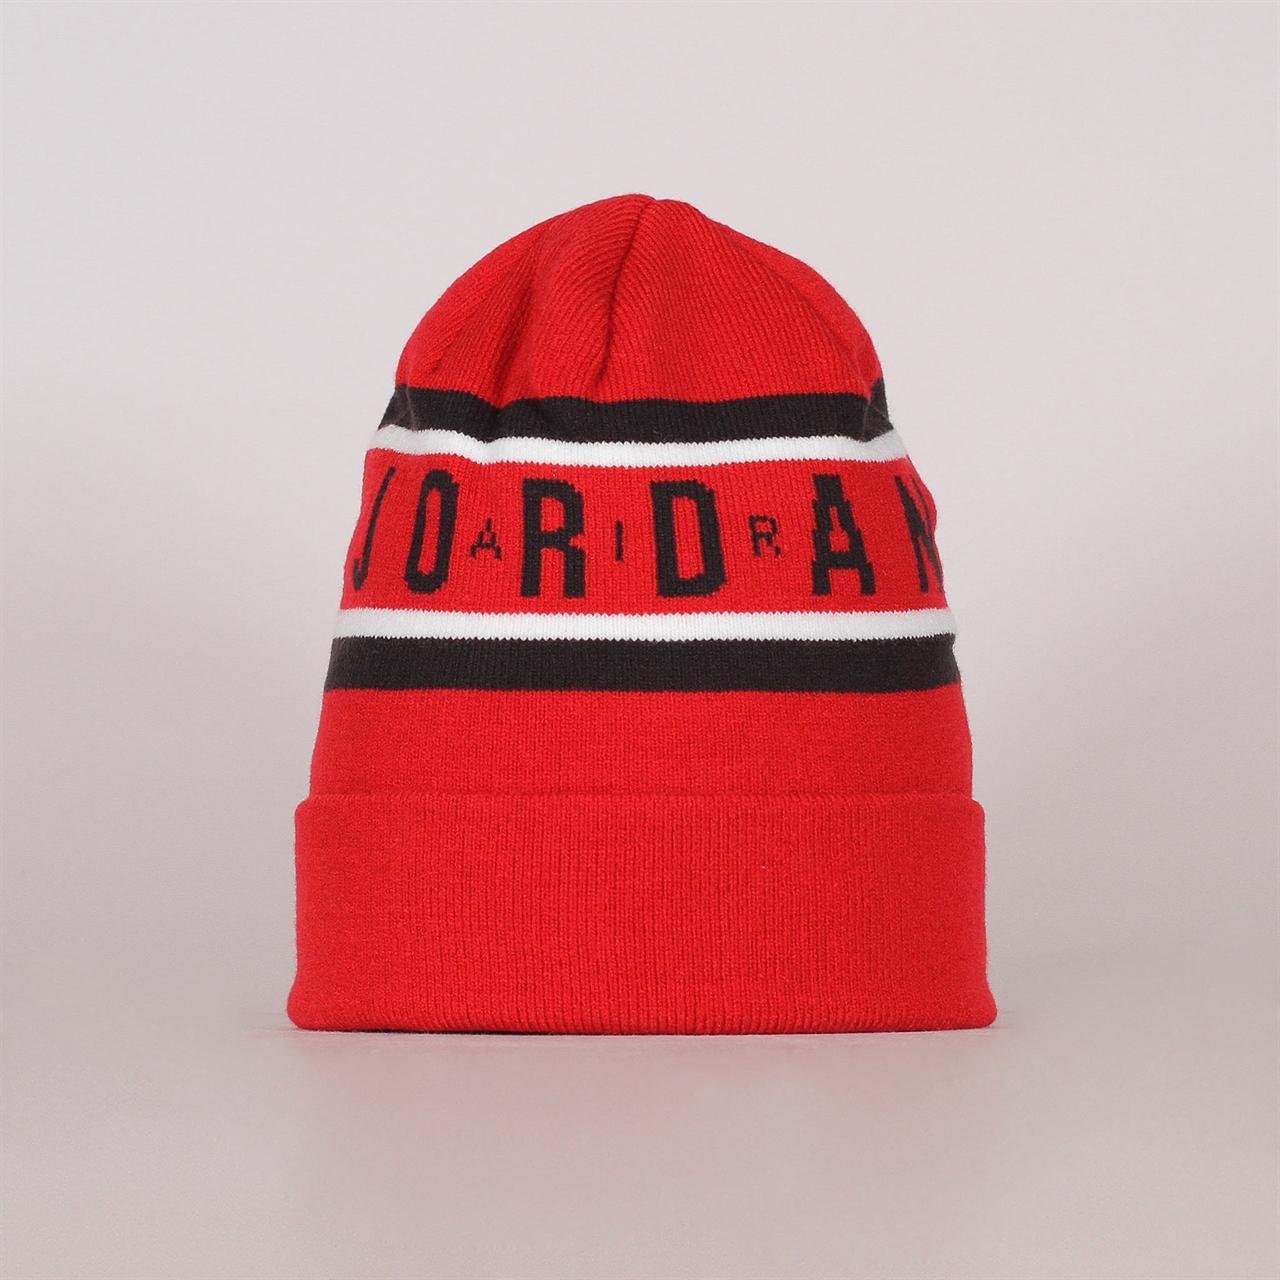 254fe965dc6d25 czech air cuffed beanie hat. jordan a4f37 c60dd; ireland air cuffed beanie  gym red ar3022 687 4812e 8b5f9